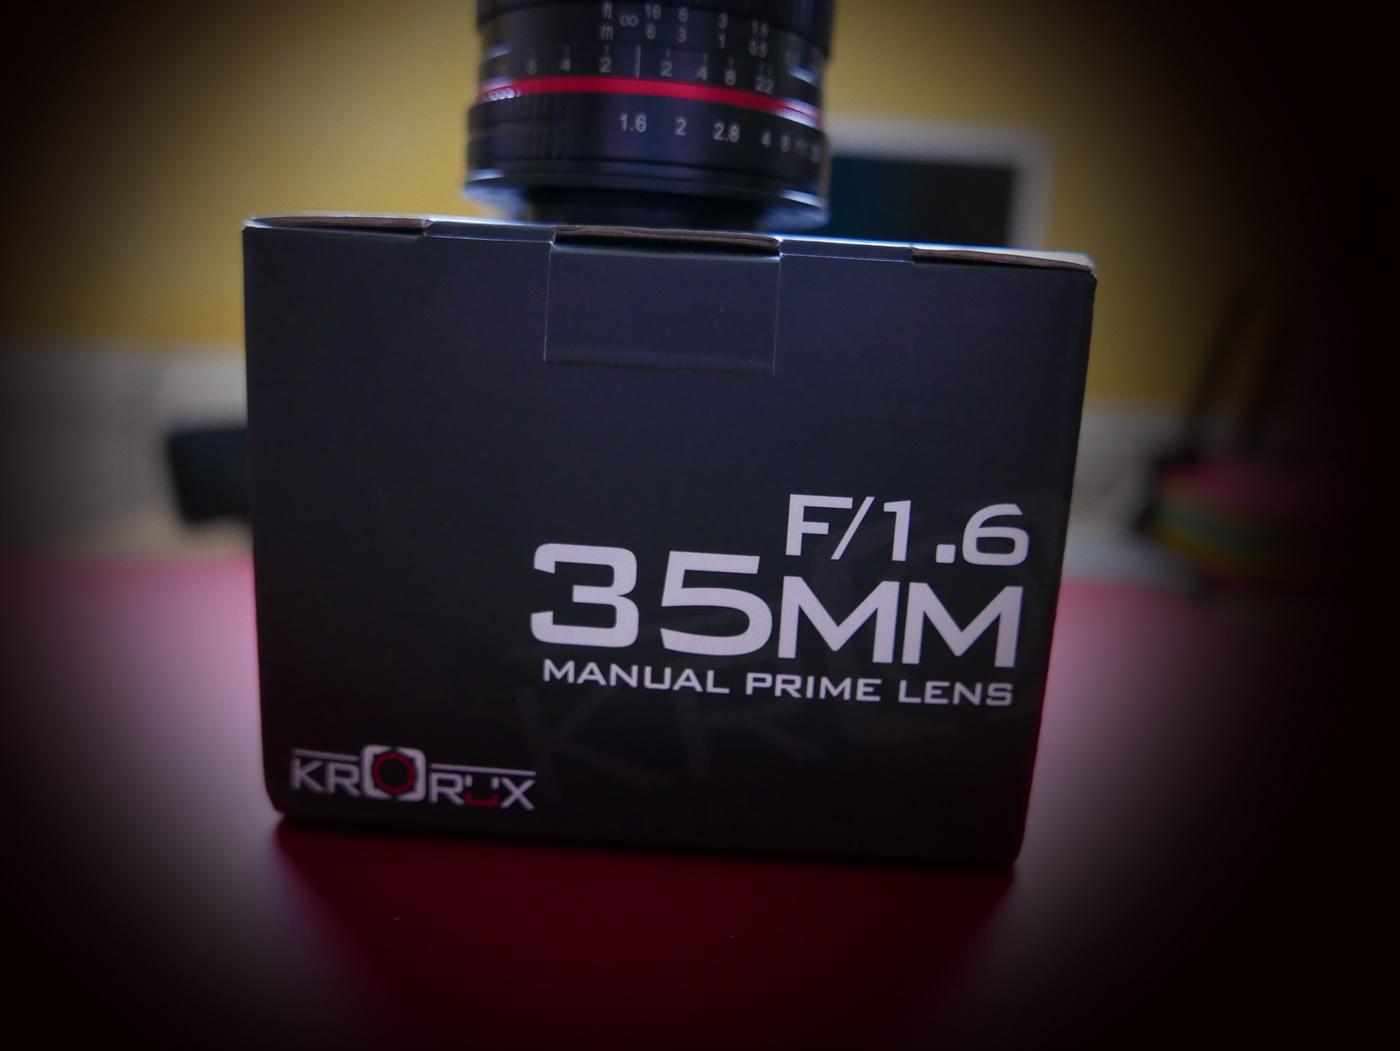 Manuell Flanieren mit dem Krorux 35mm F1.6 MFT an der Lumix GF 7